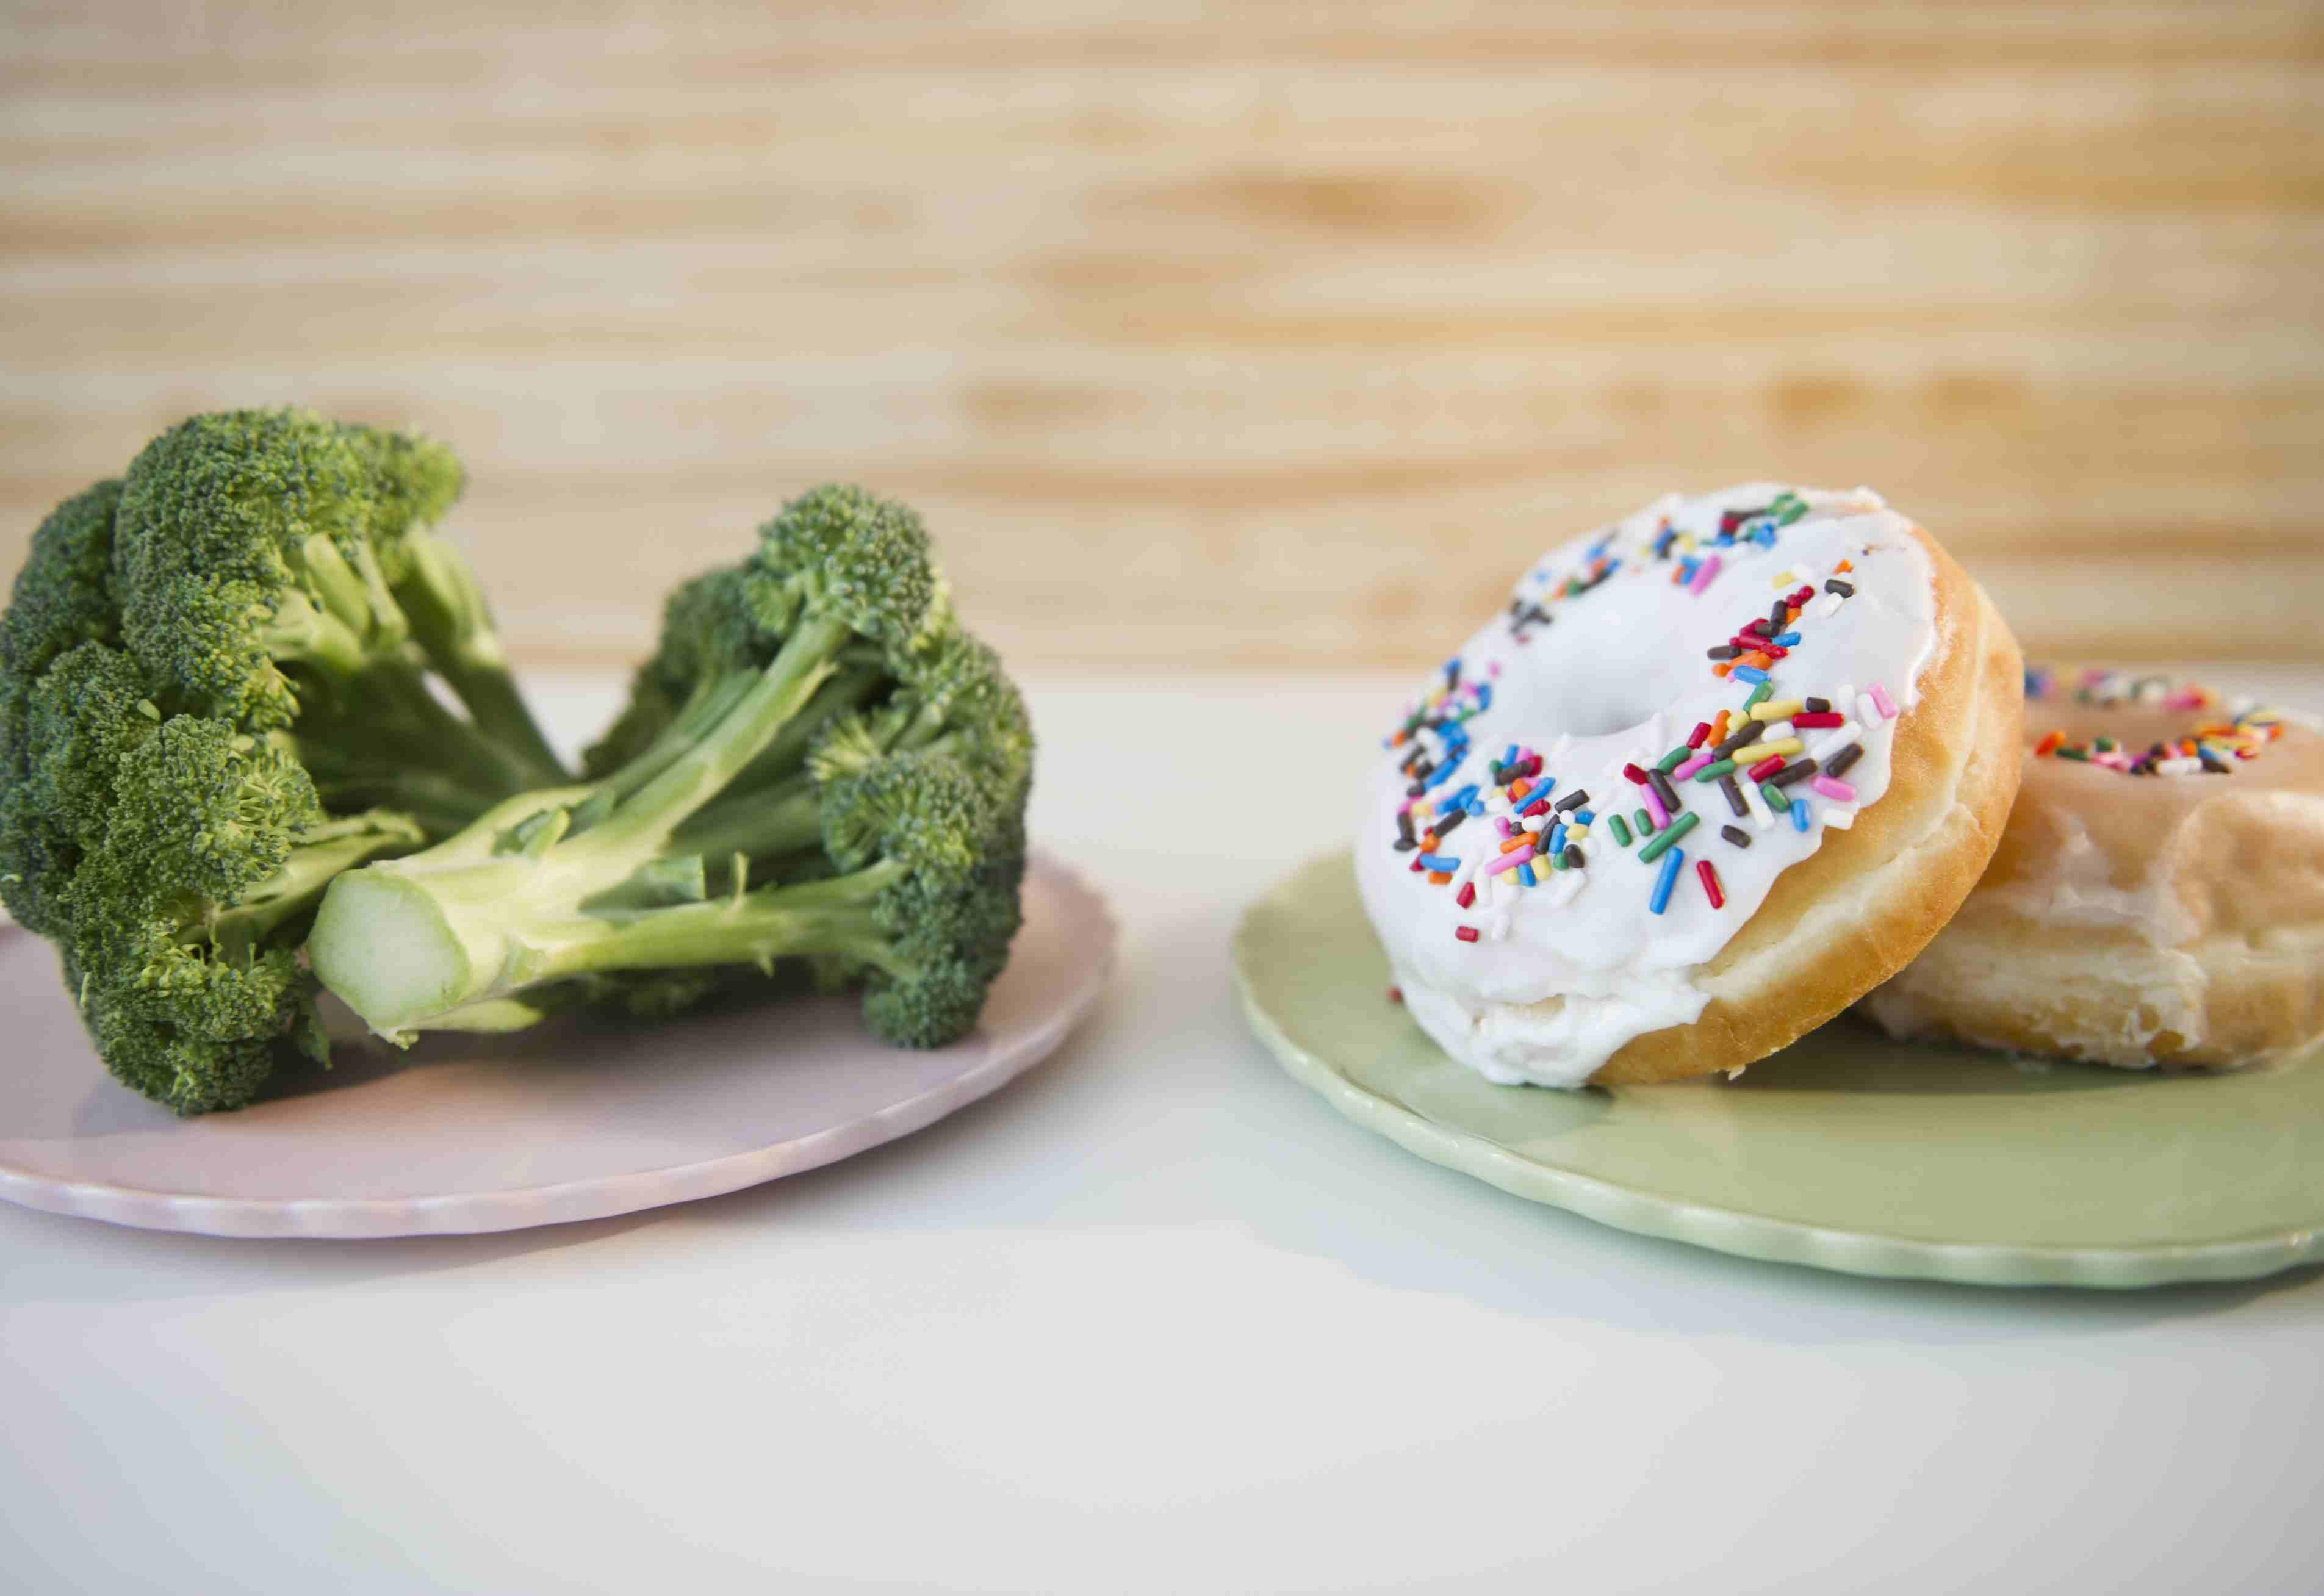 doughnut vs brocoli